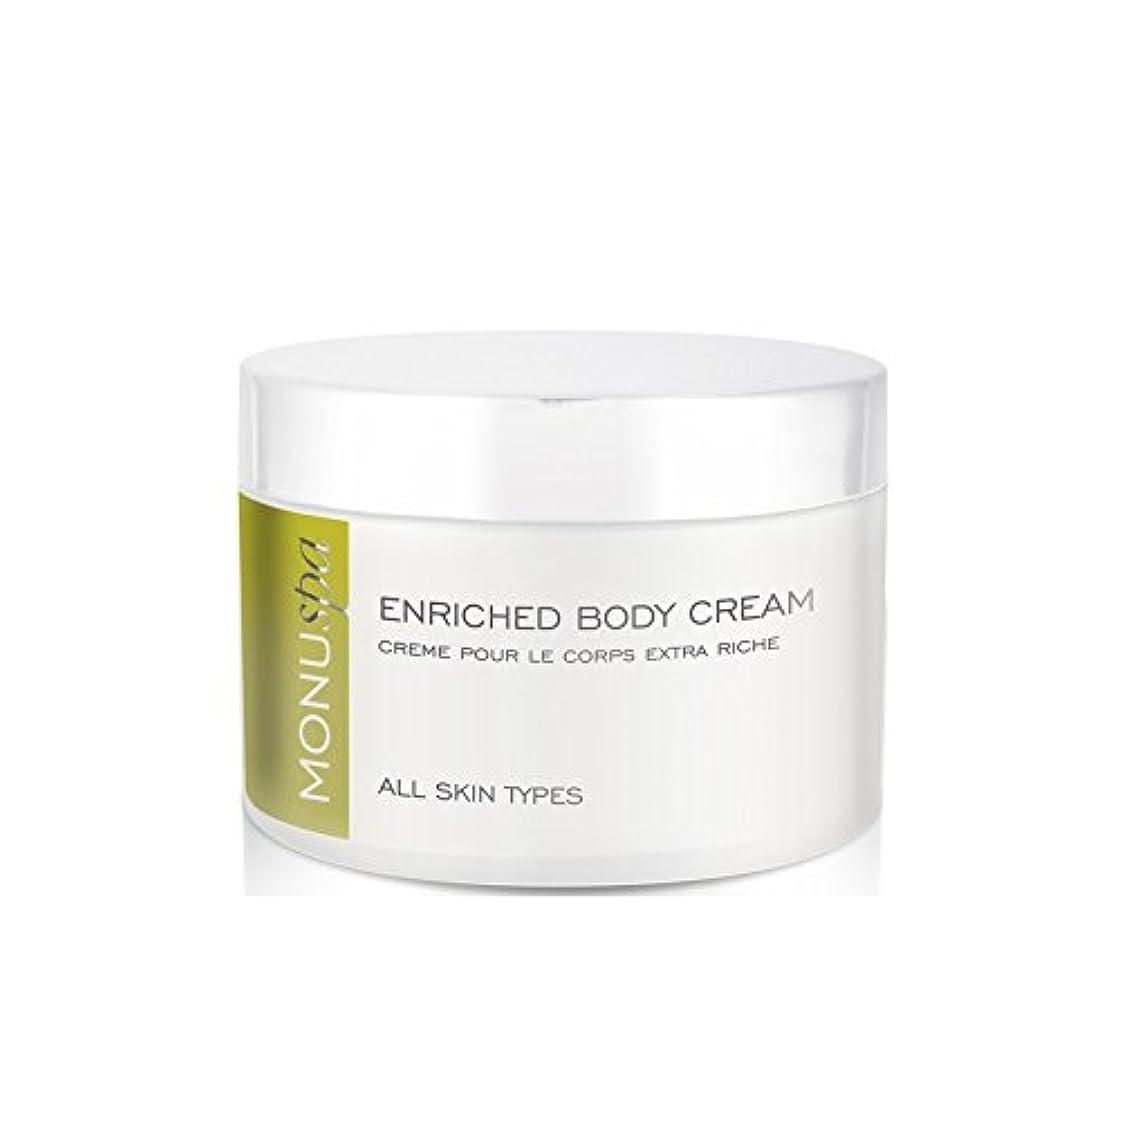 モートピアース影響する濃縮ボディクリーム200ミリリットル x4 - MONUspa Enriched Body Cream 200ml (Pack of 4) [並行輸入品]